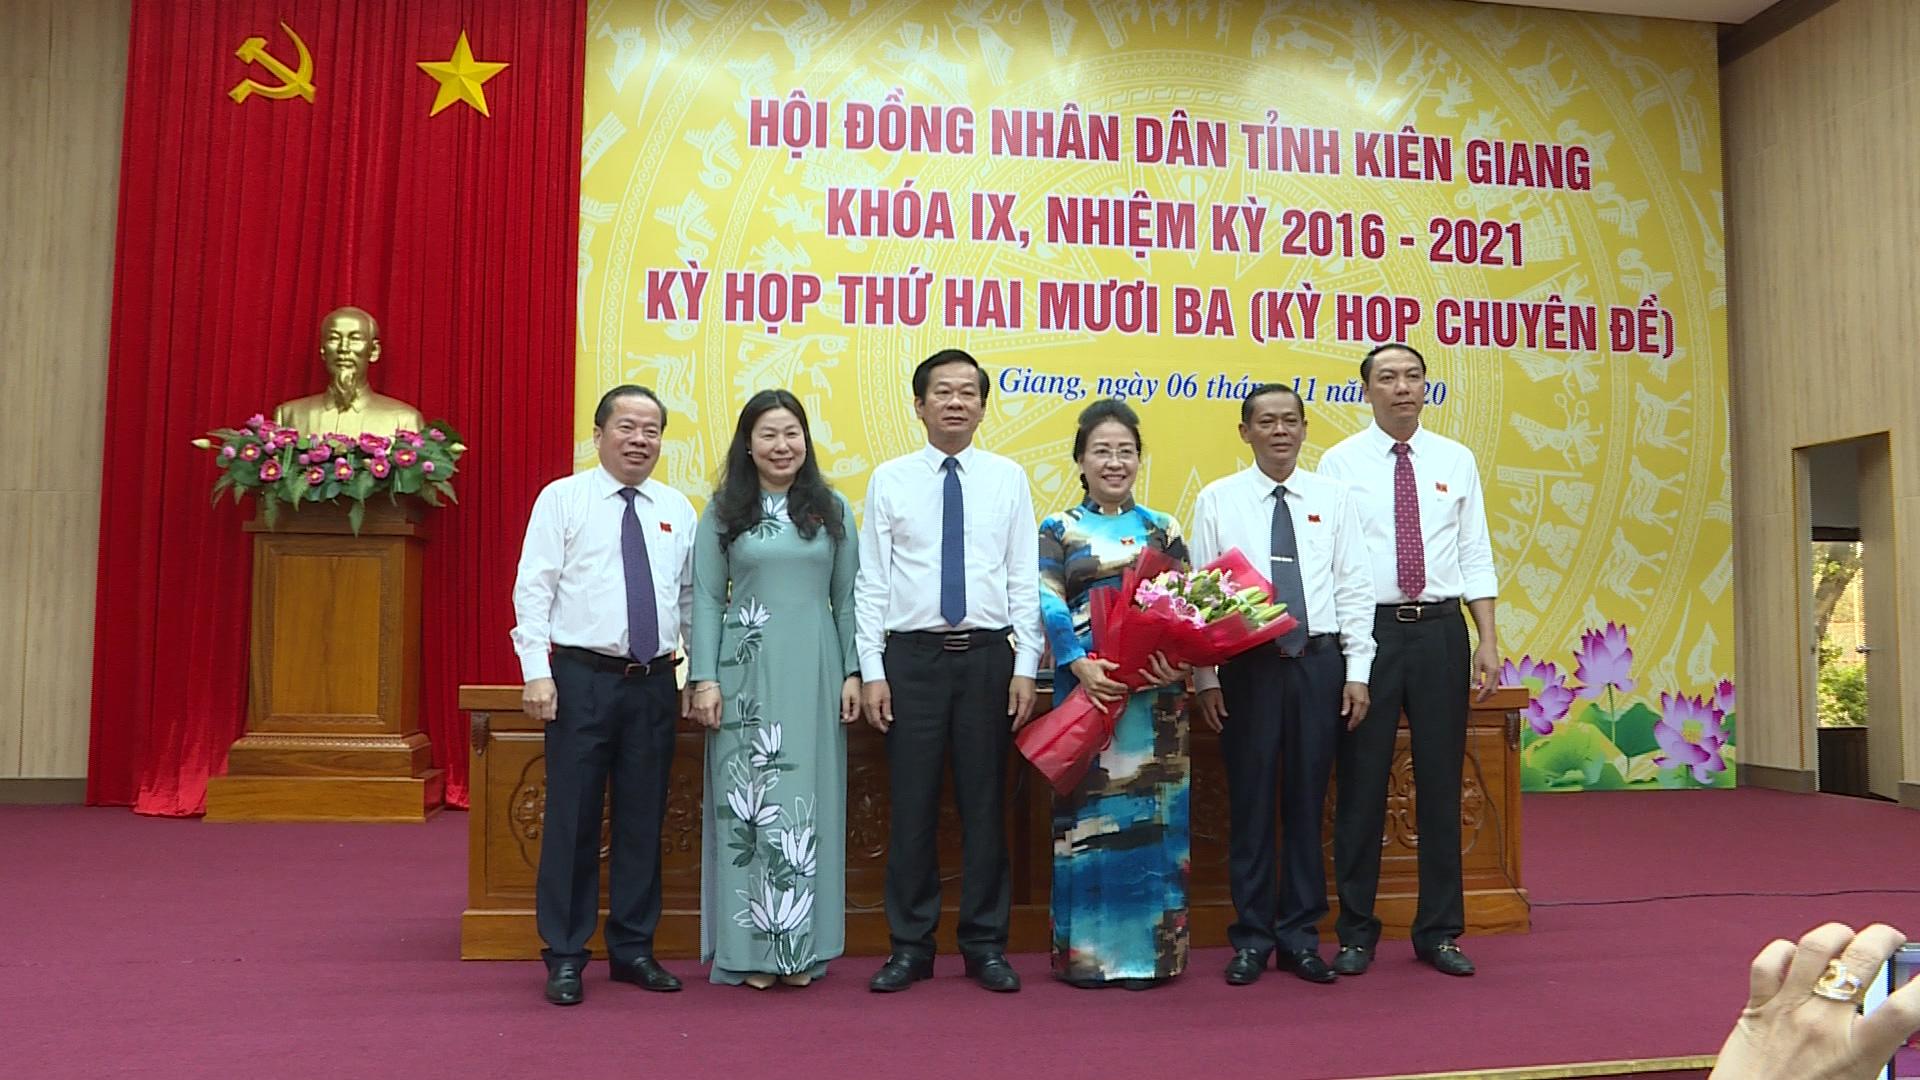 Kiên Giang: Ông Mai Văn Huỳnh giữ chức Chủ tịch HĐND tỉnh và ông Lâm Minh Thành giữ chức Chủ tịch UBND tỉnh - Ảnh 1.